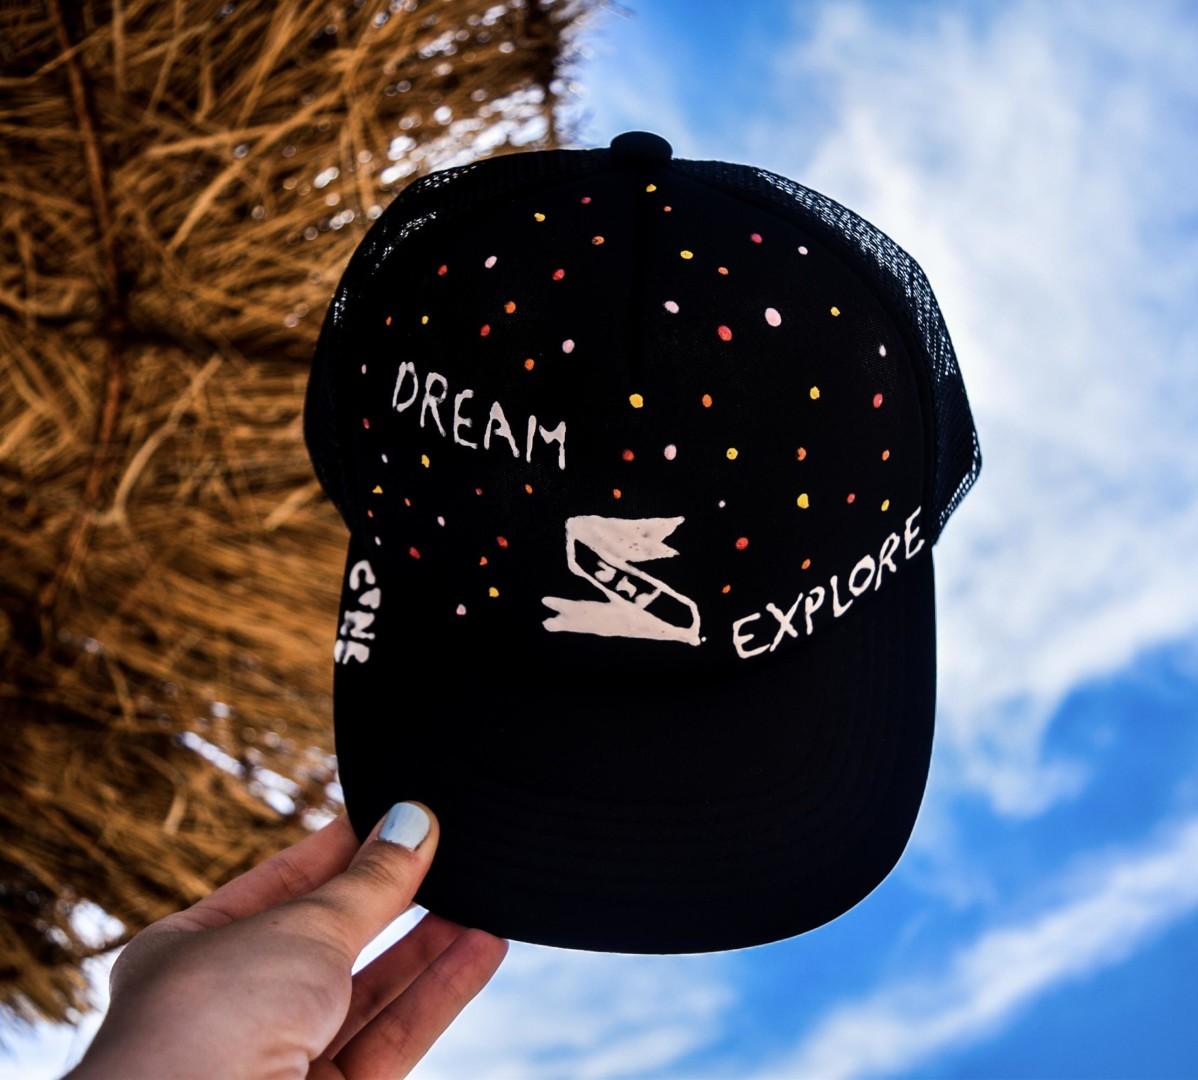 Dream & Explore